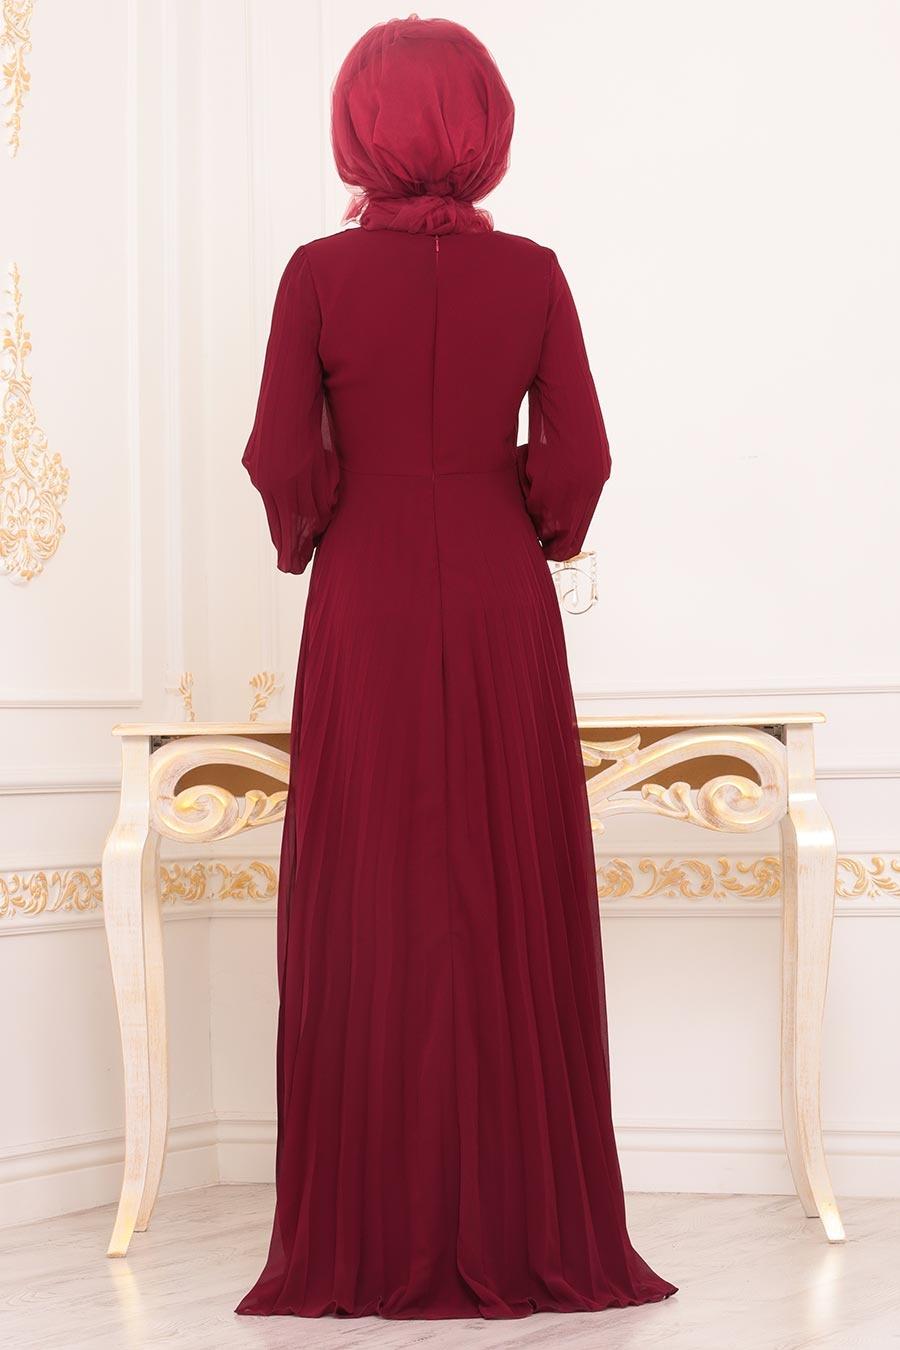 Neva Style - Boncuk Detaylı Bordo Tesettür Abiye Elbise 91130BR